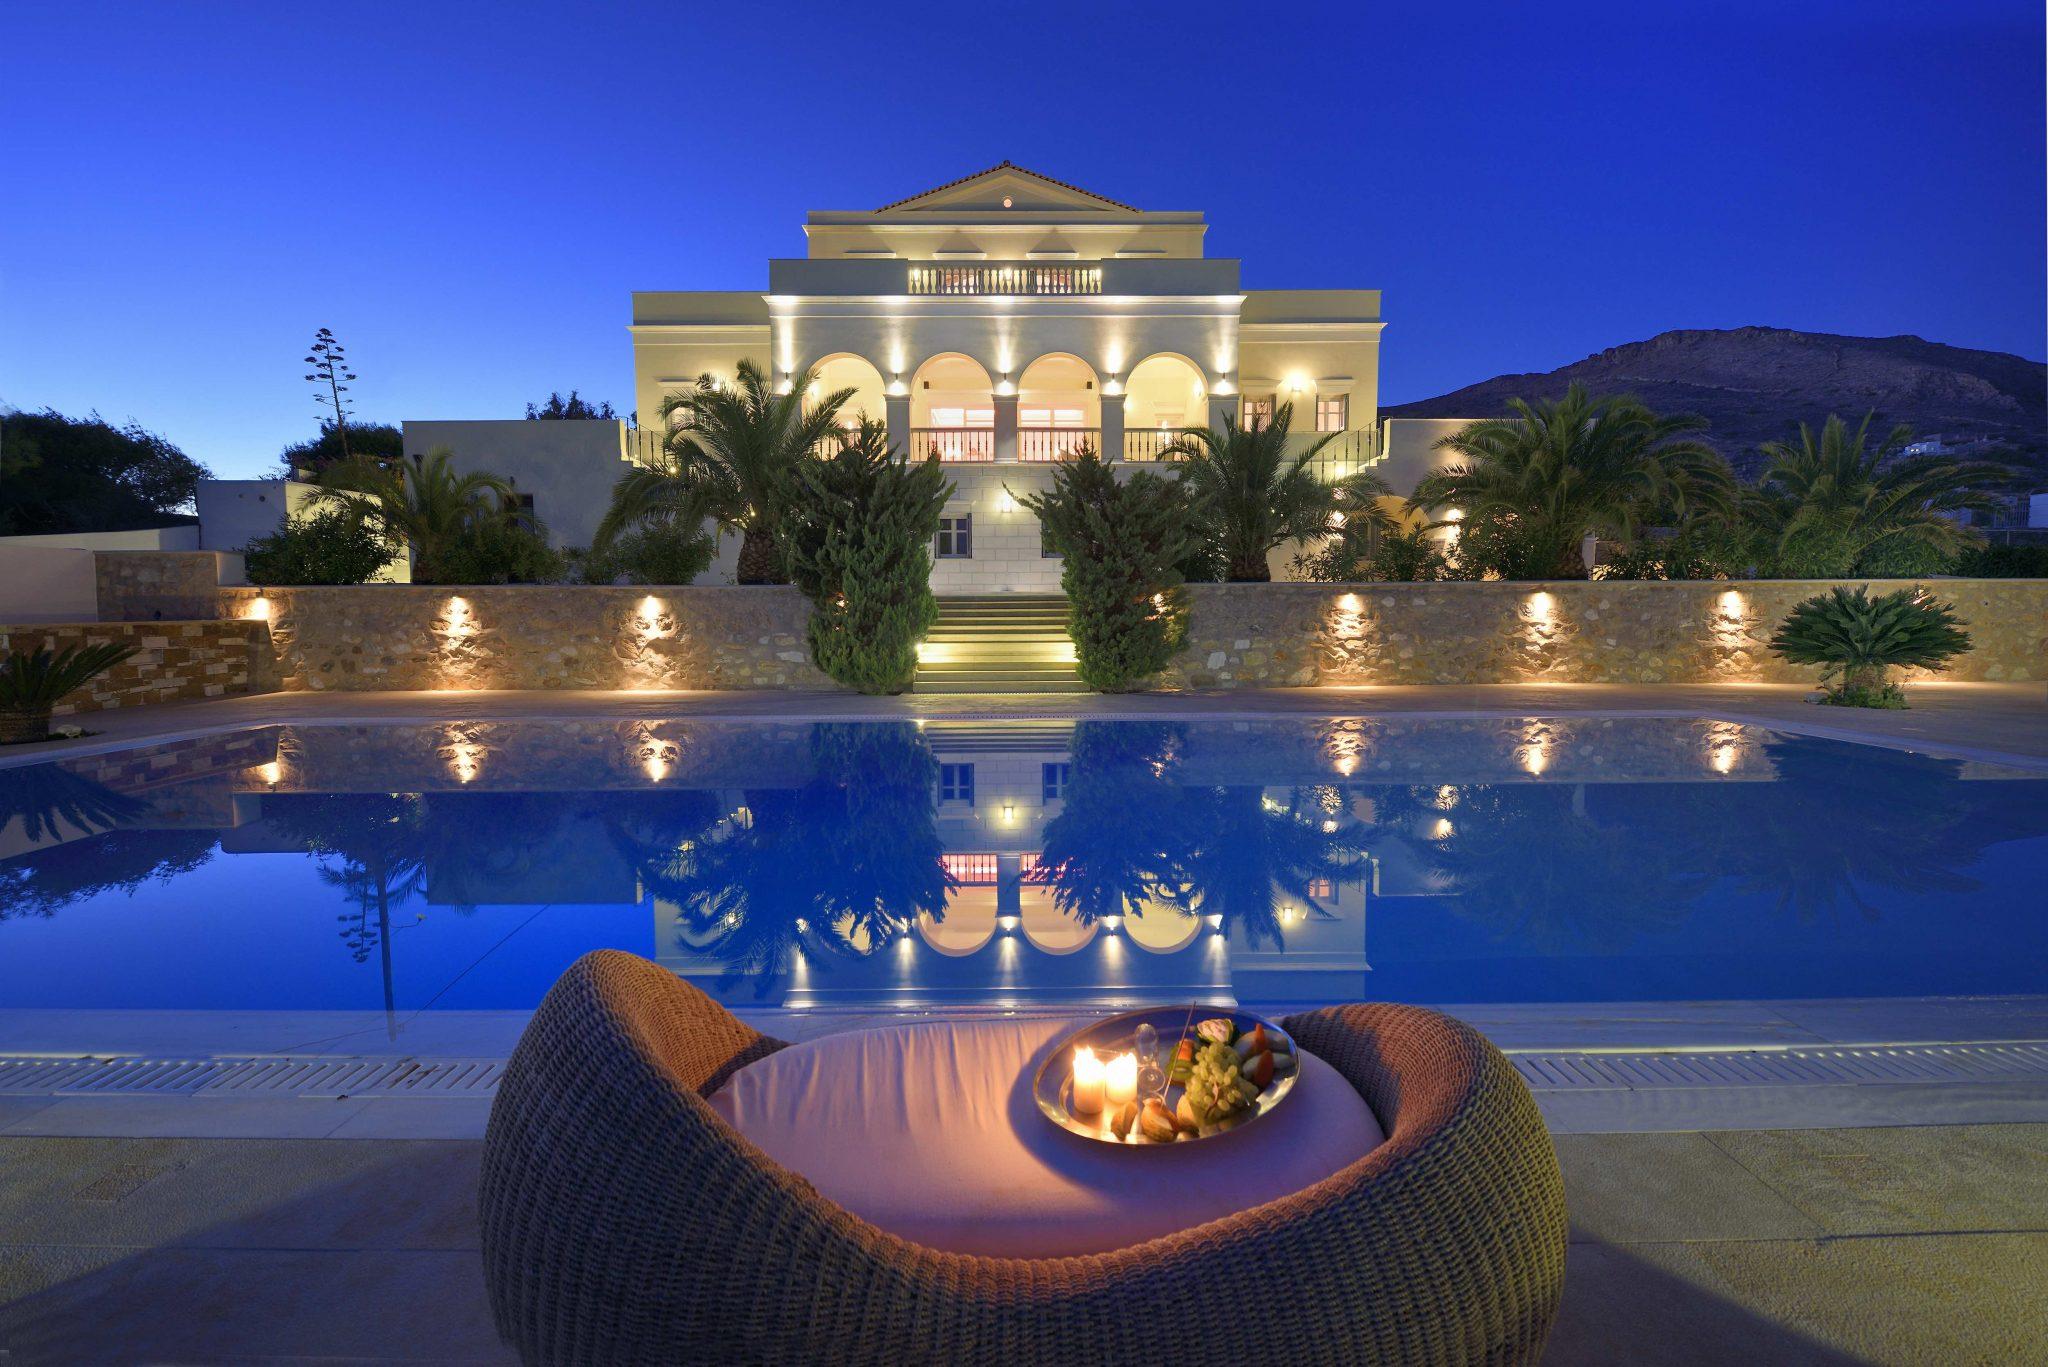 Σύρος: Ένα παλάτι προς πώληση! Μπείτε στη βίλα όνειρο και δείτε τη μεγάλη απόφαση της οικογένειας (Φωτό)